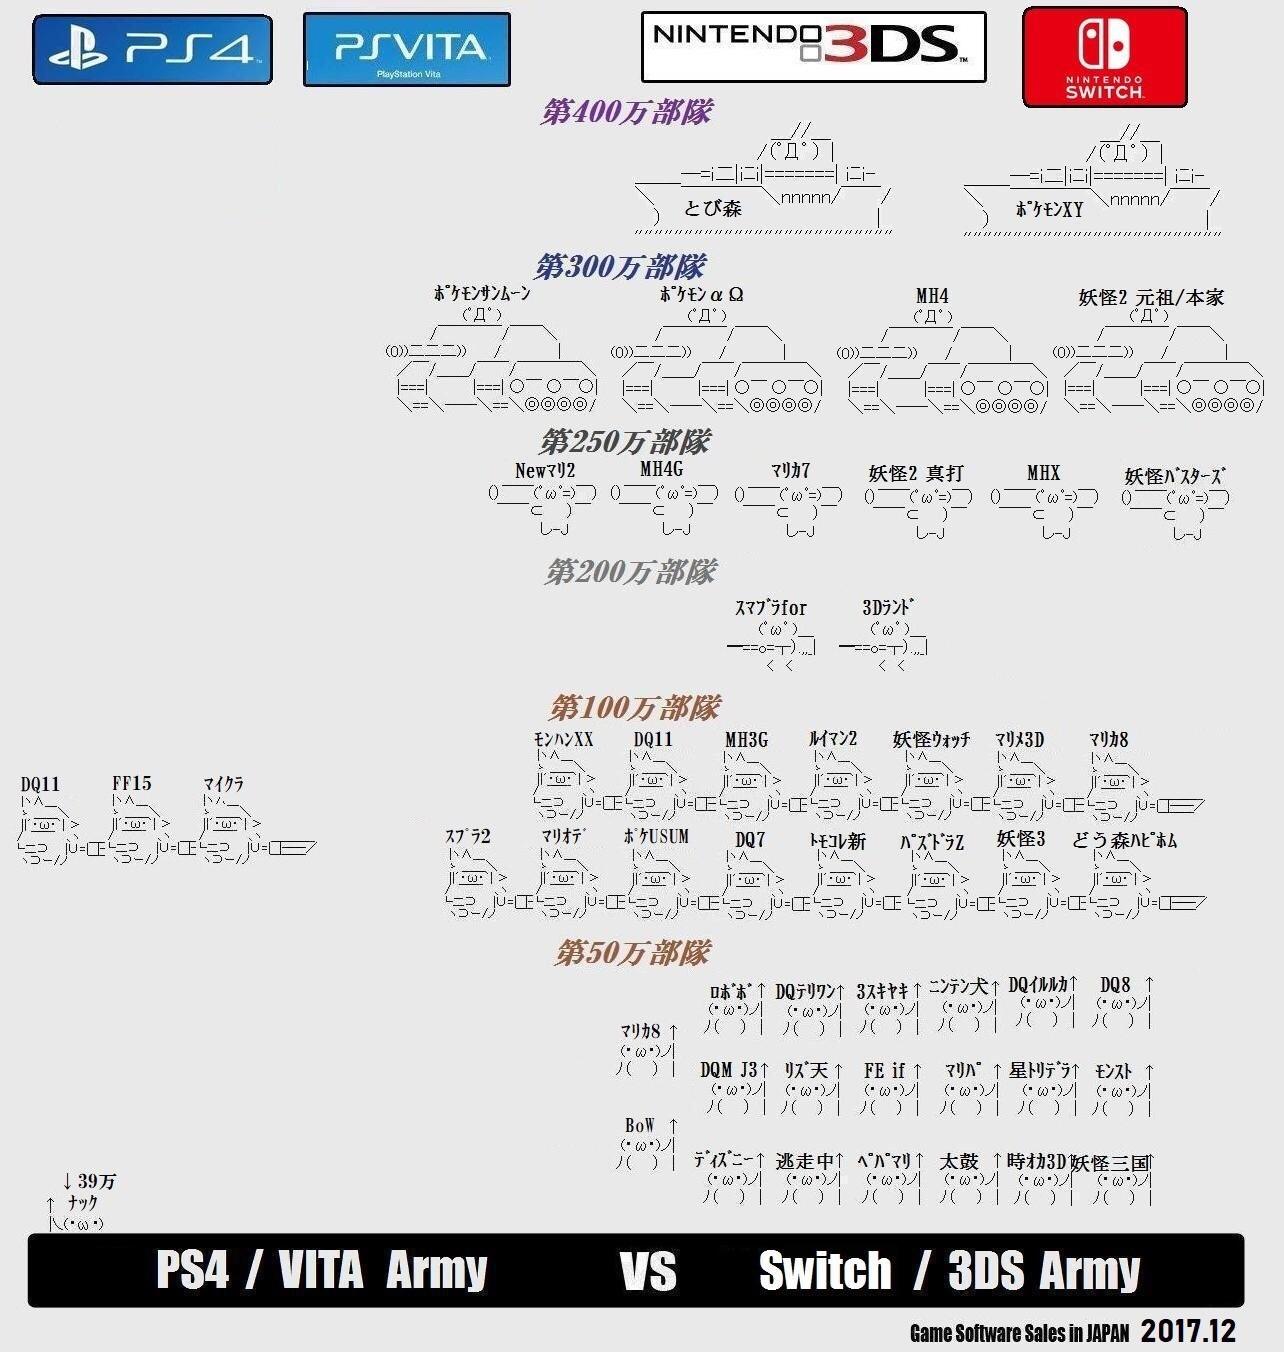 任天堂ハードとPSハードの売り上げ比